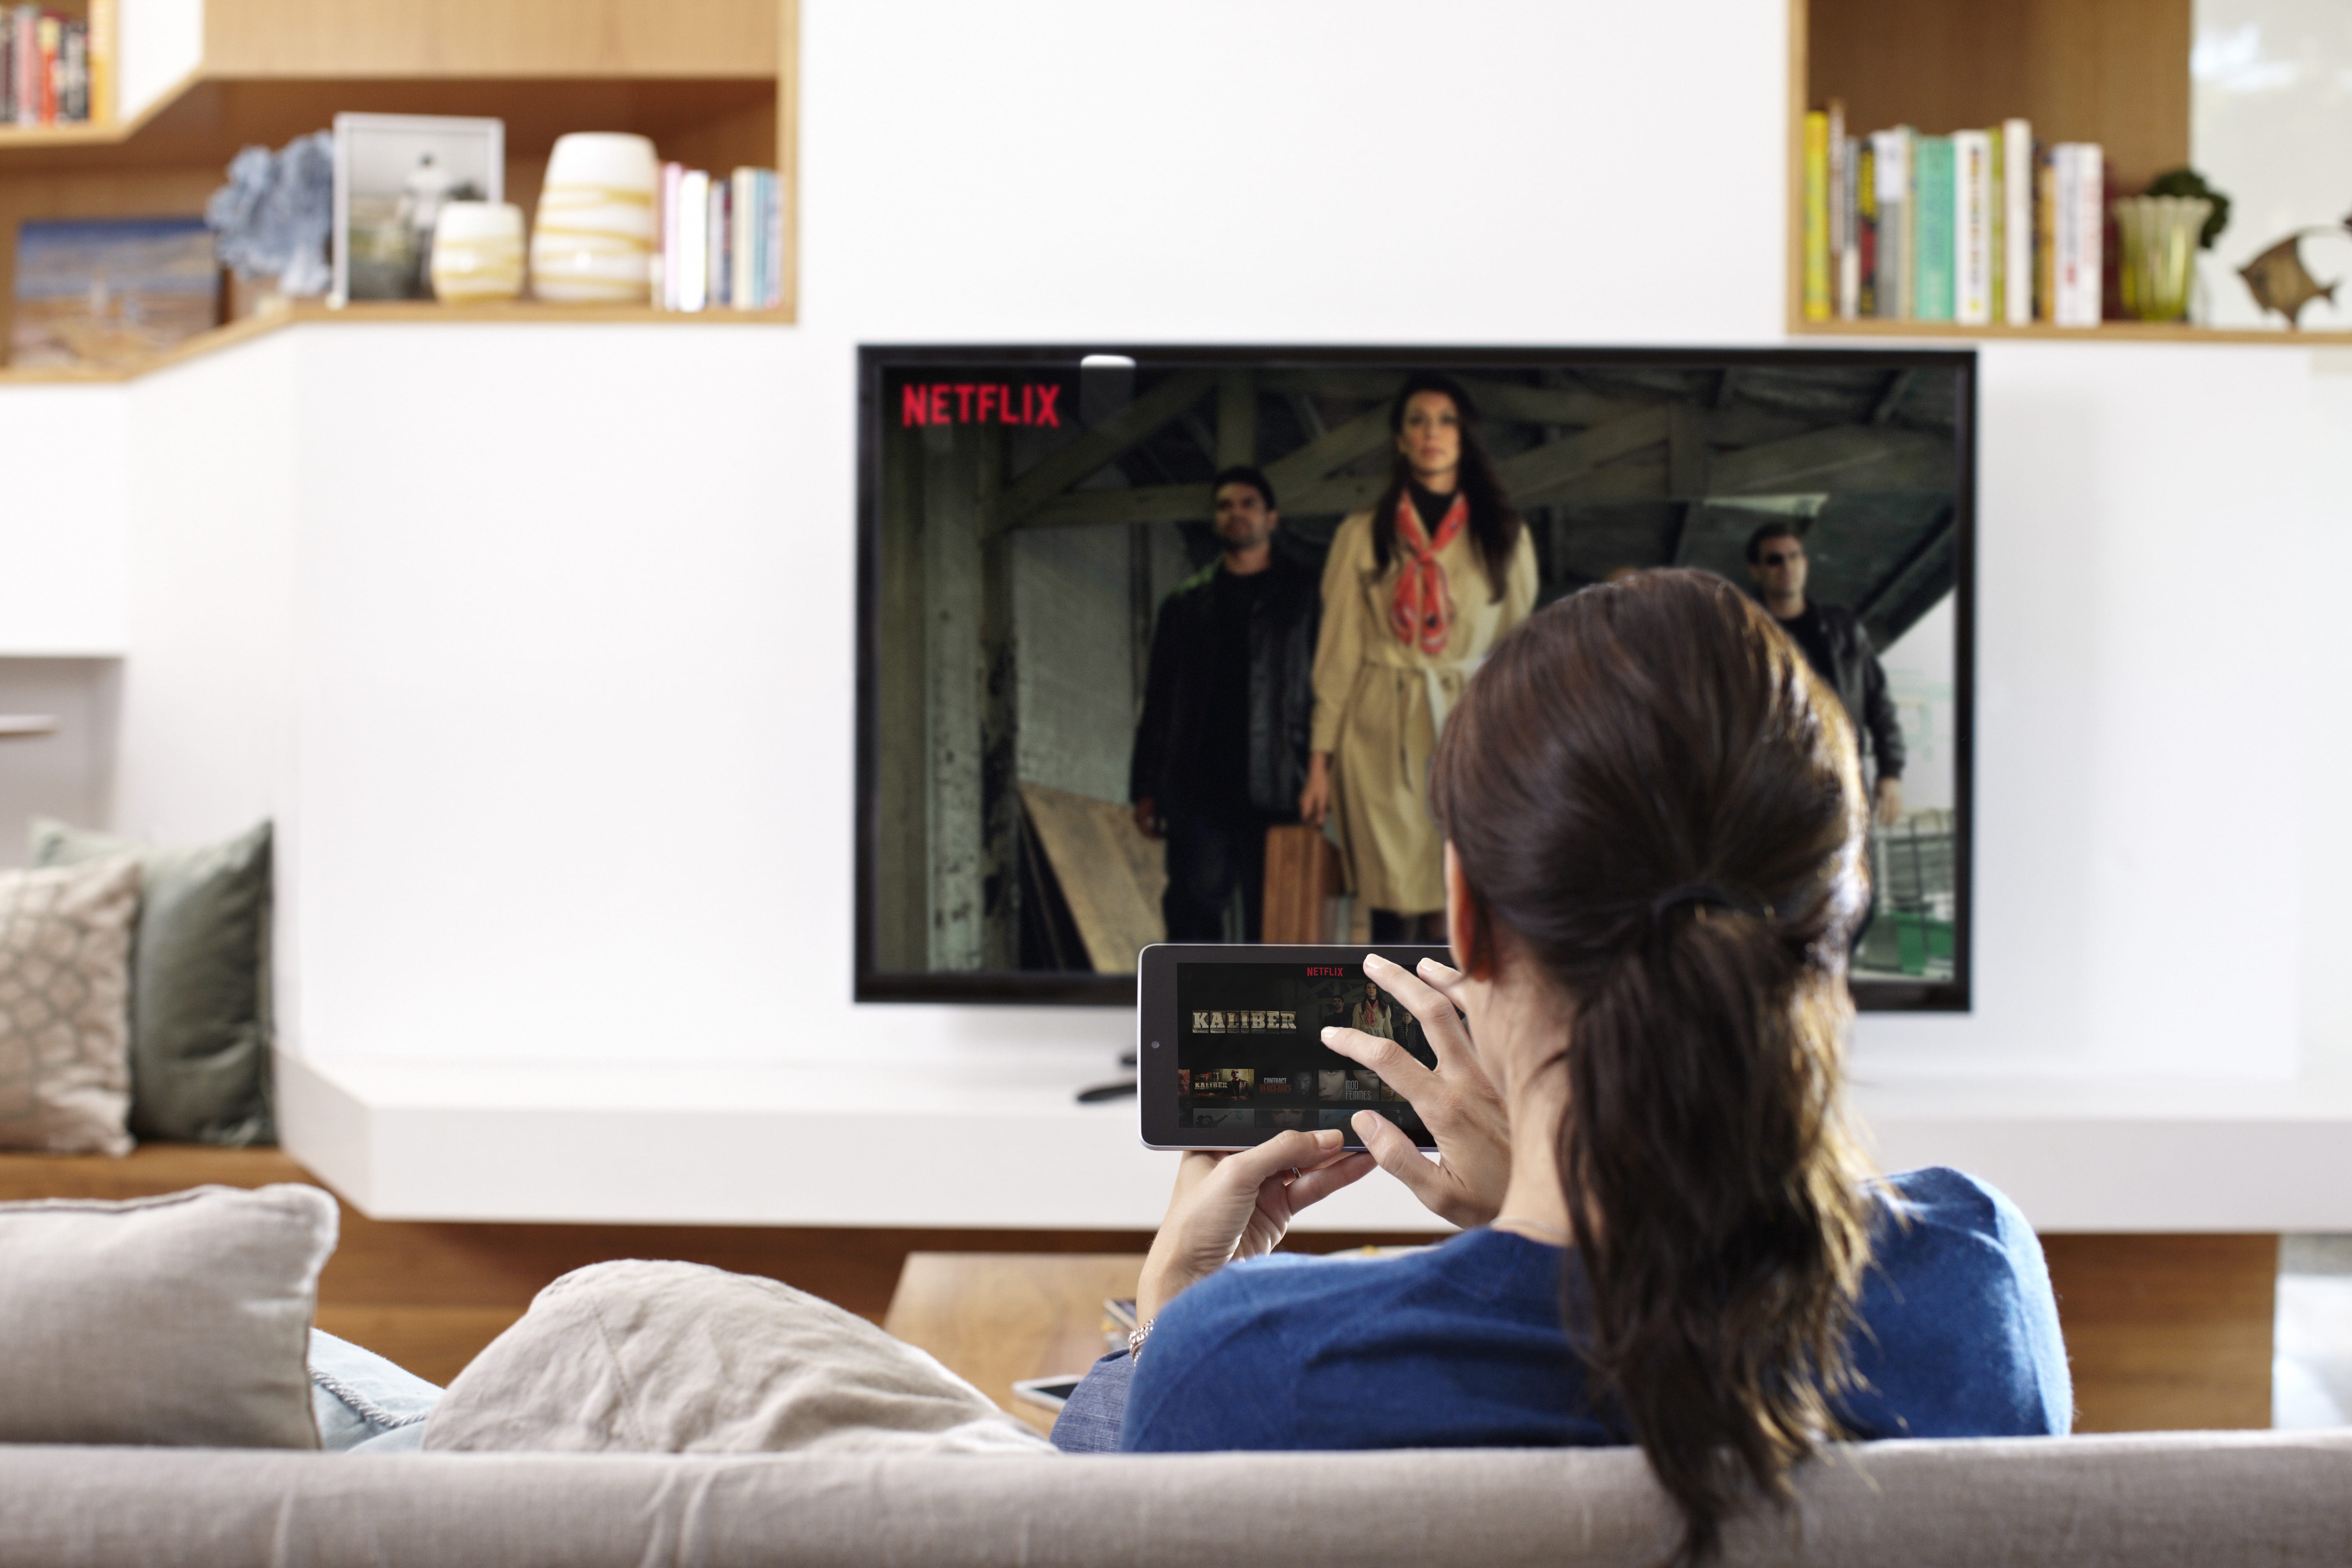 Poznaj historię Netfliksa – firmy, która zmieniła i nadal zmienia telewizję na całym świecie